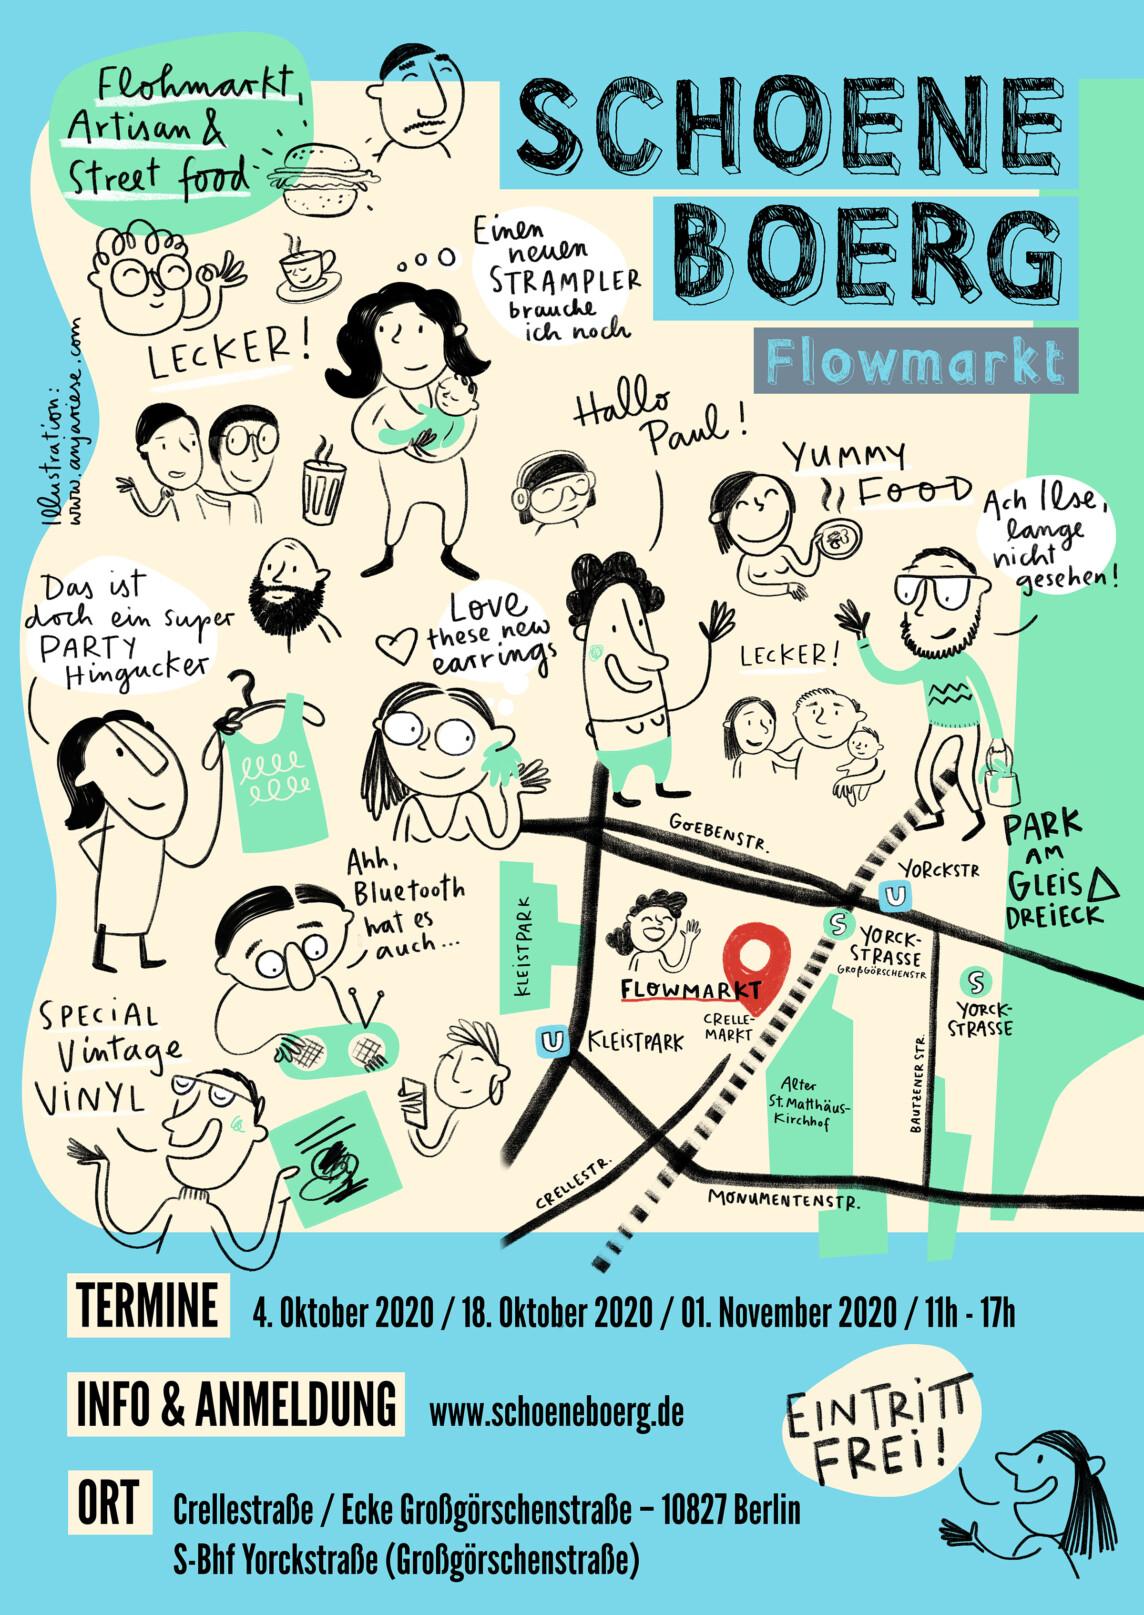 Poster Design & Illustration für den Schoeneboerg Flowmarkt